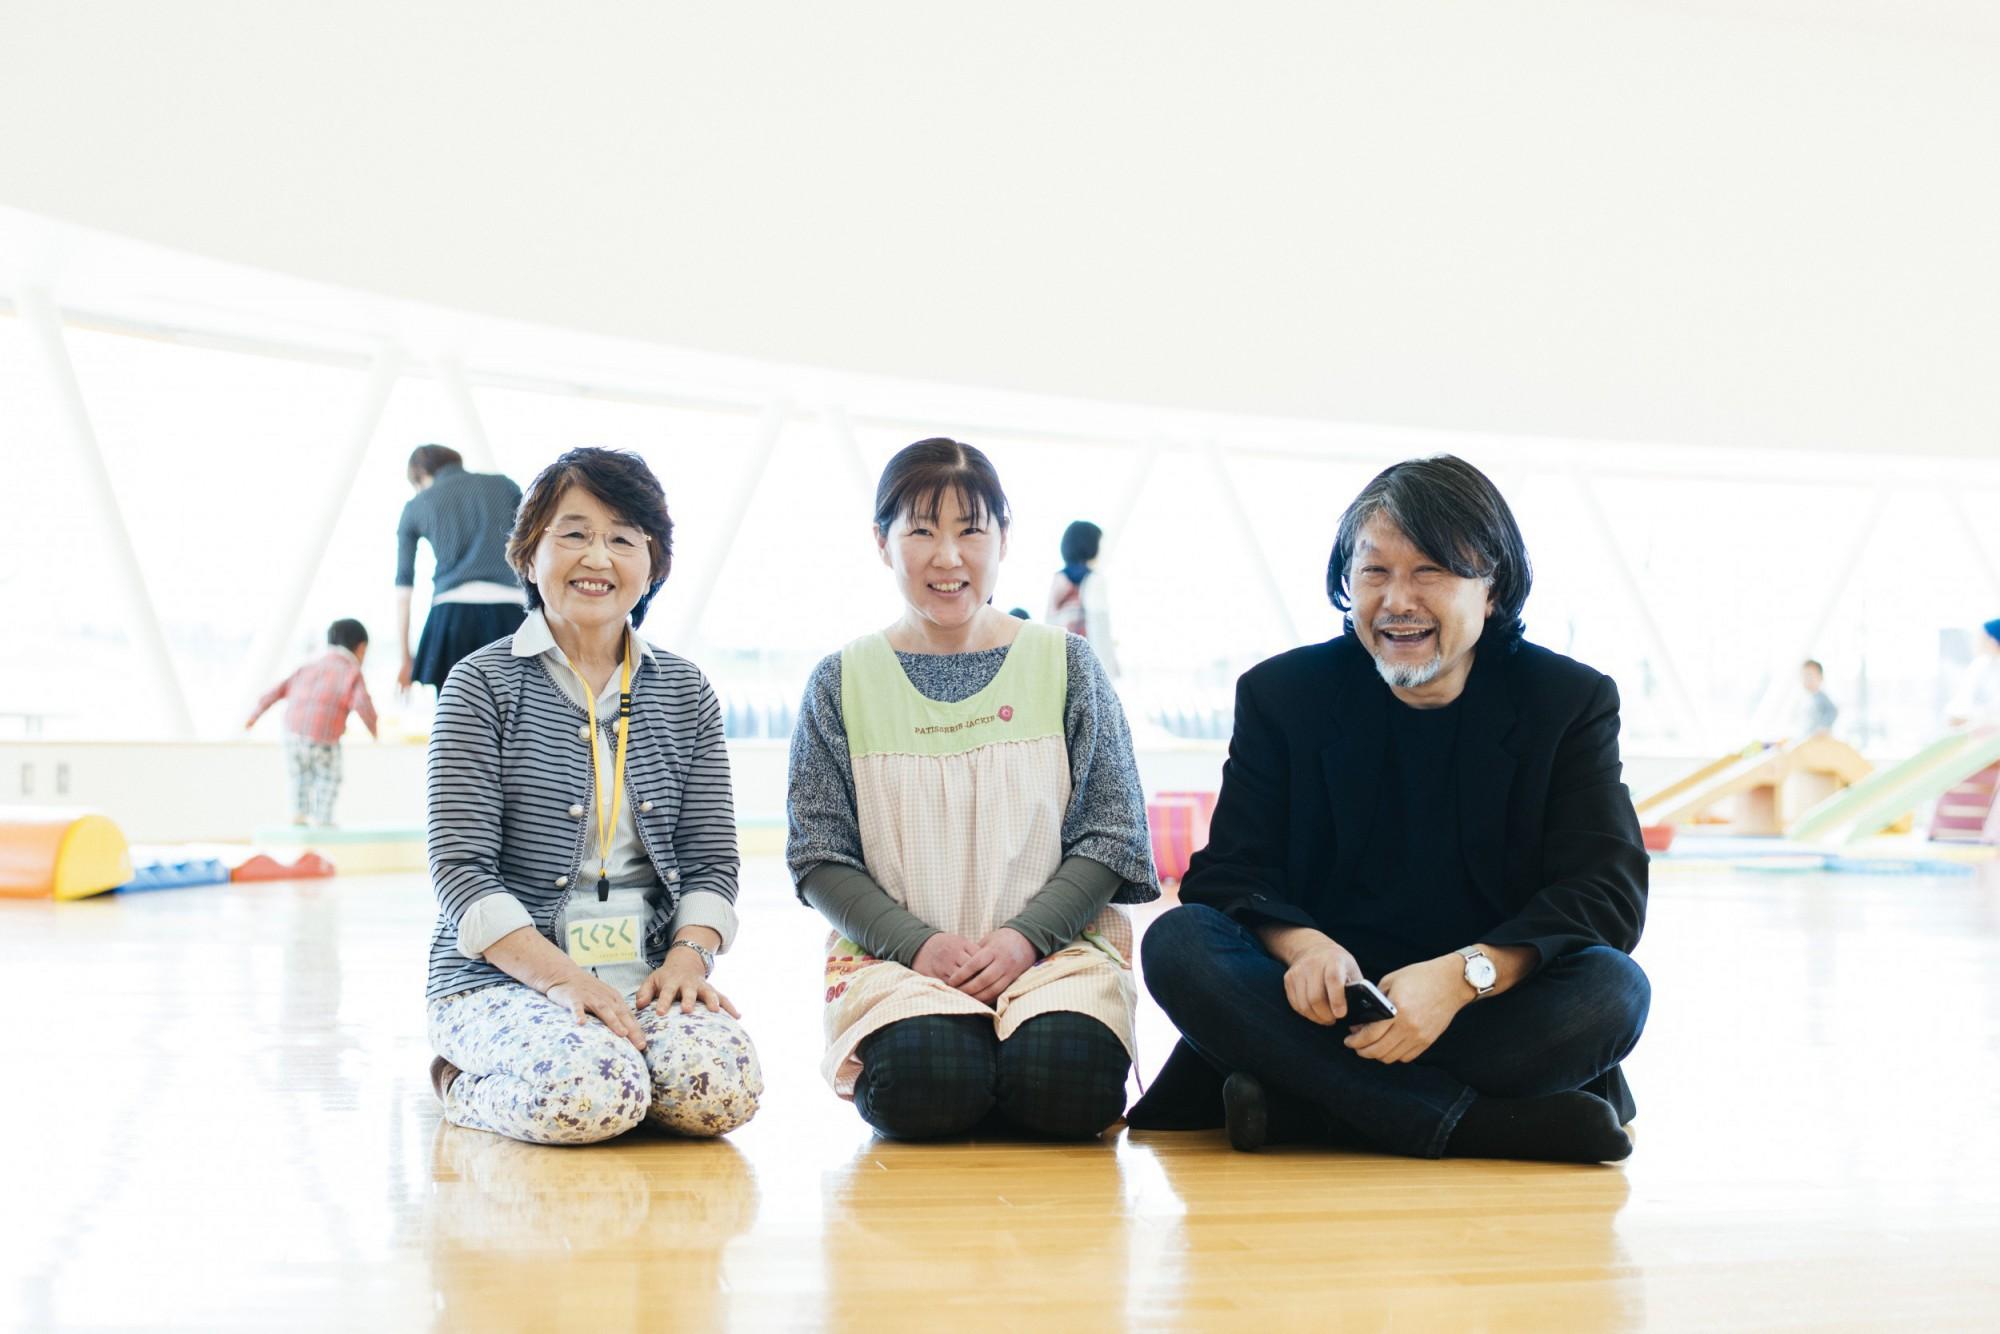 写真左から、初代園長の渋谷さん。三代目園長の西山さん。設計を手がけた山下教授。